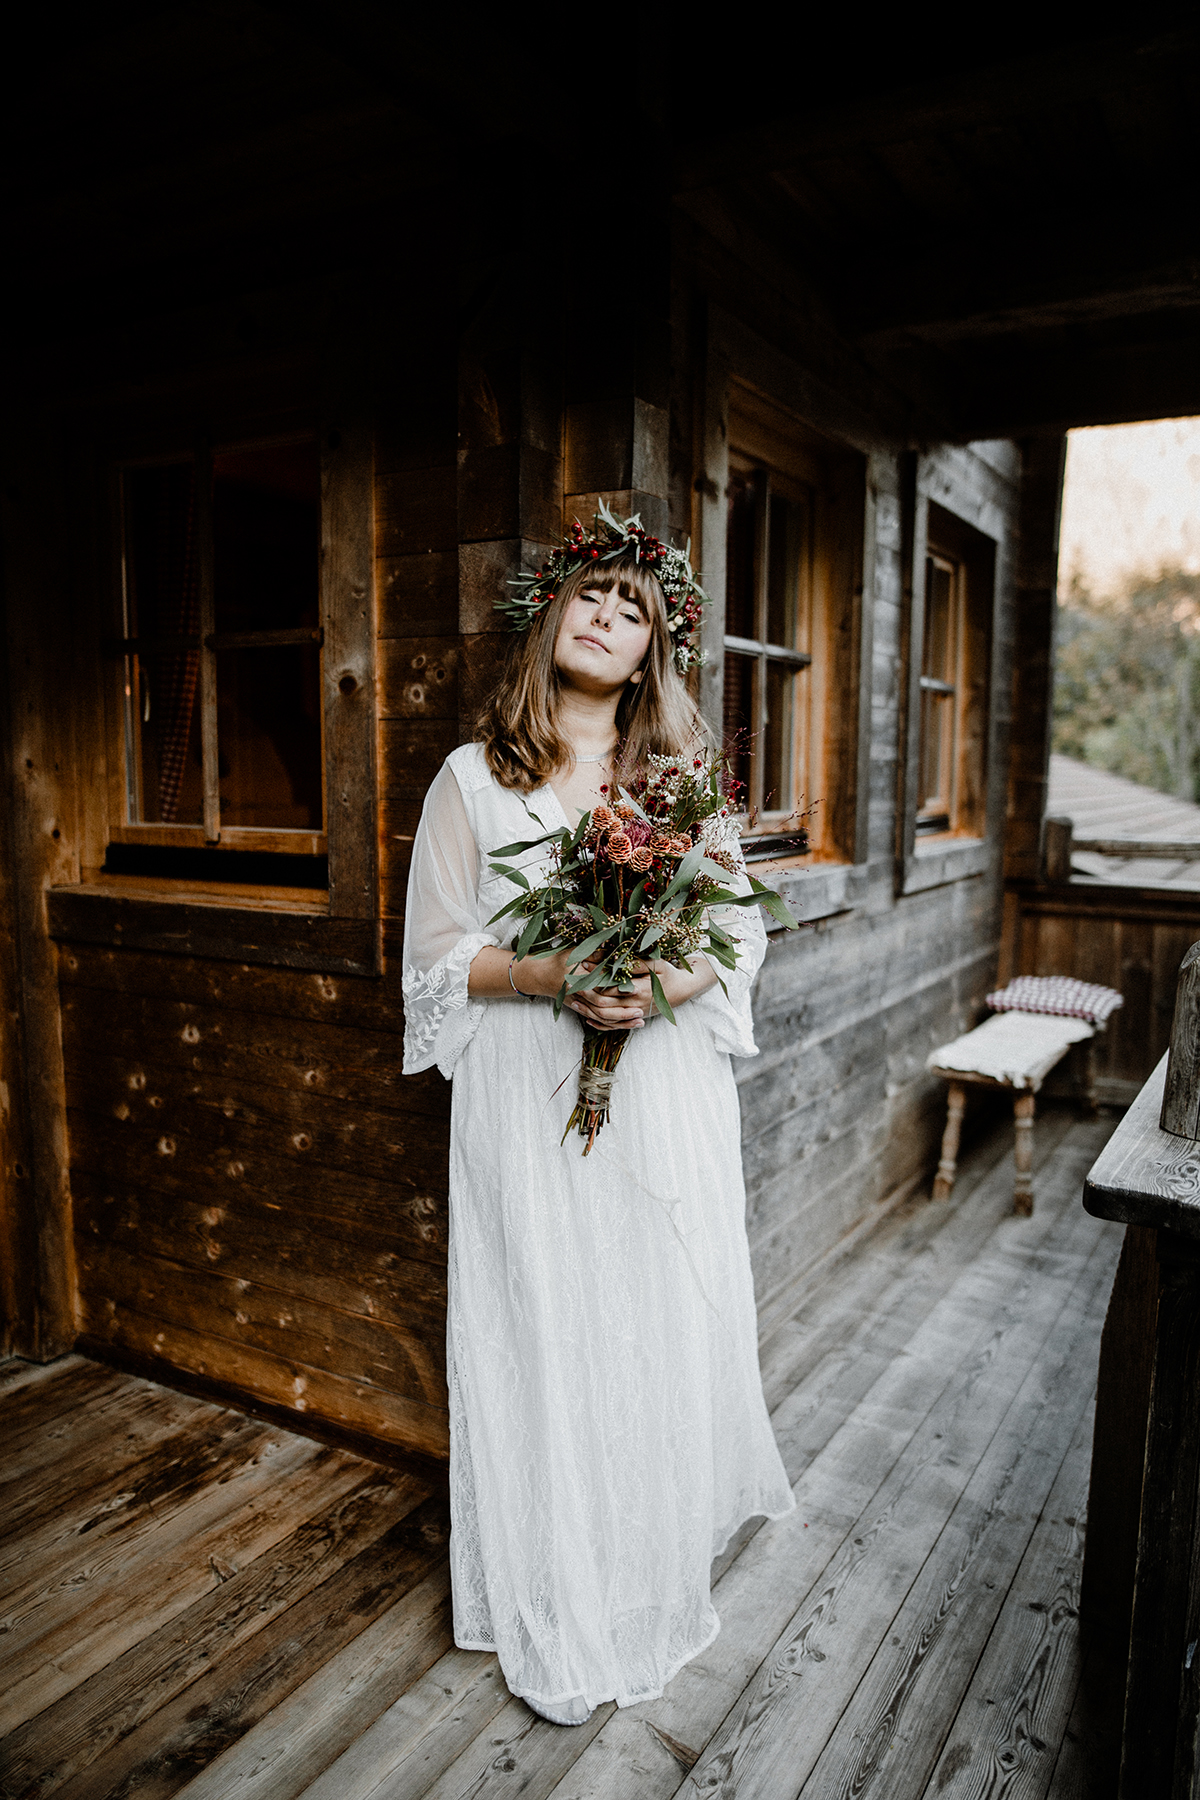 hochzeitsfotograf österreich_berghochzeit_iceland weddingphotographer